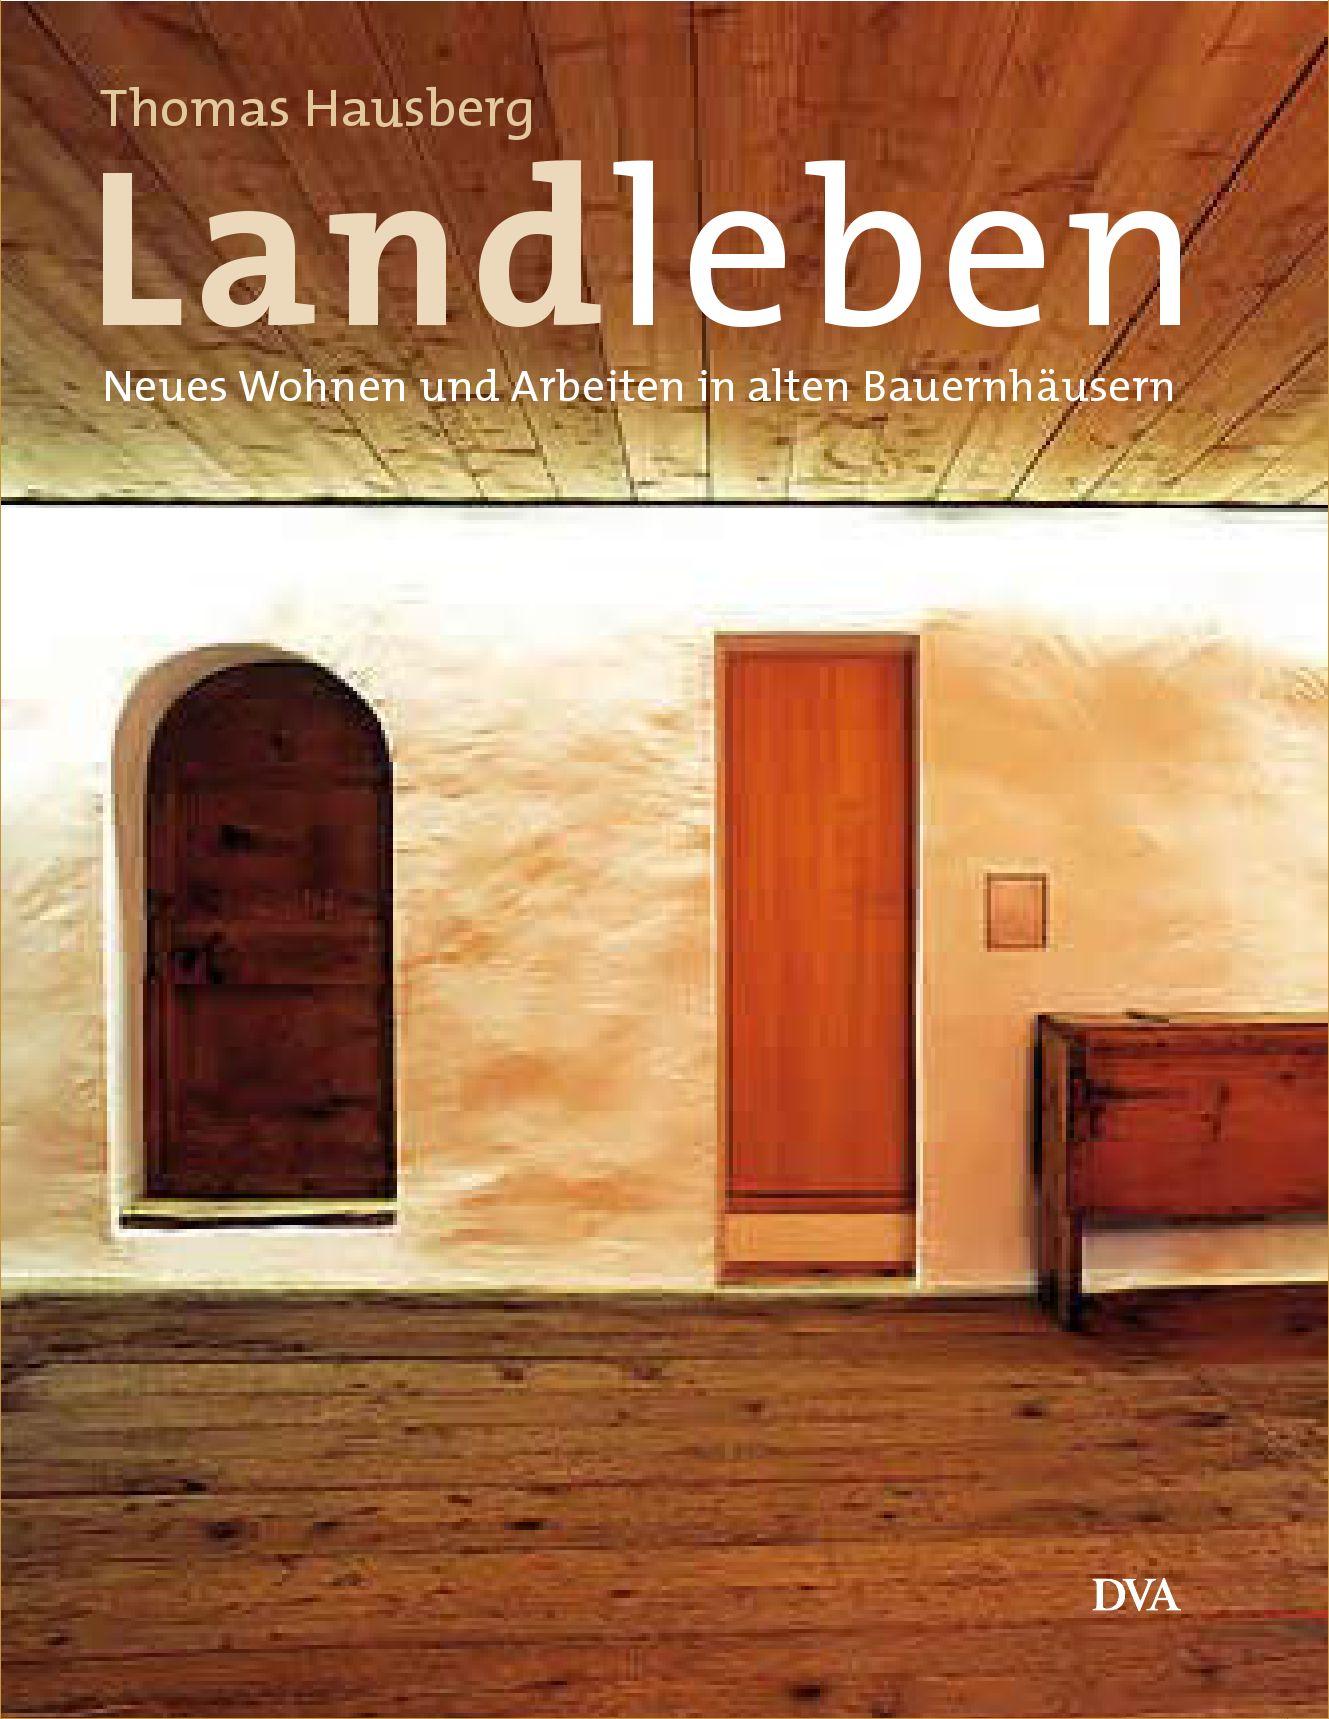 Landleben By Thomas Hausberg - Issuu